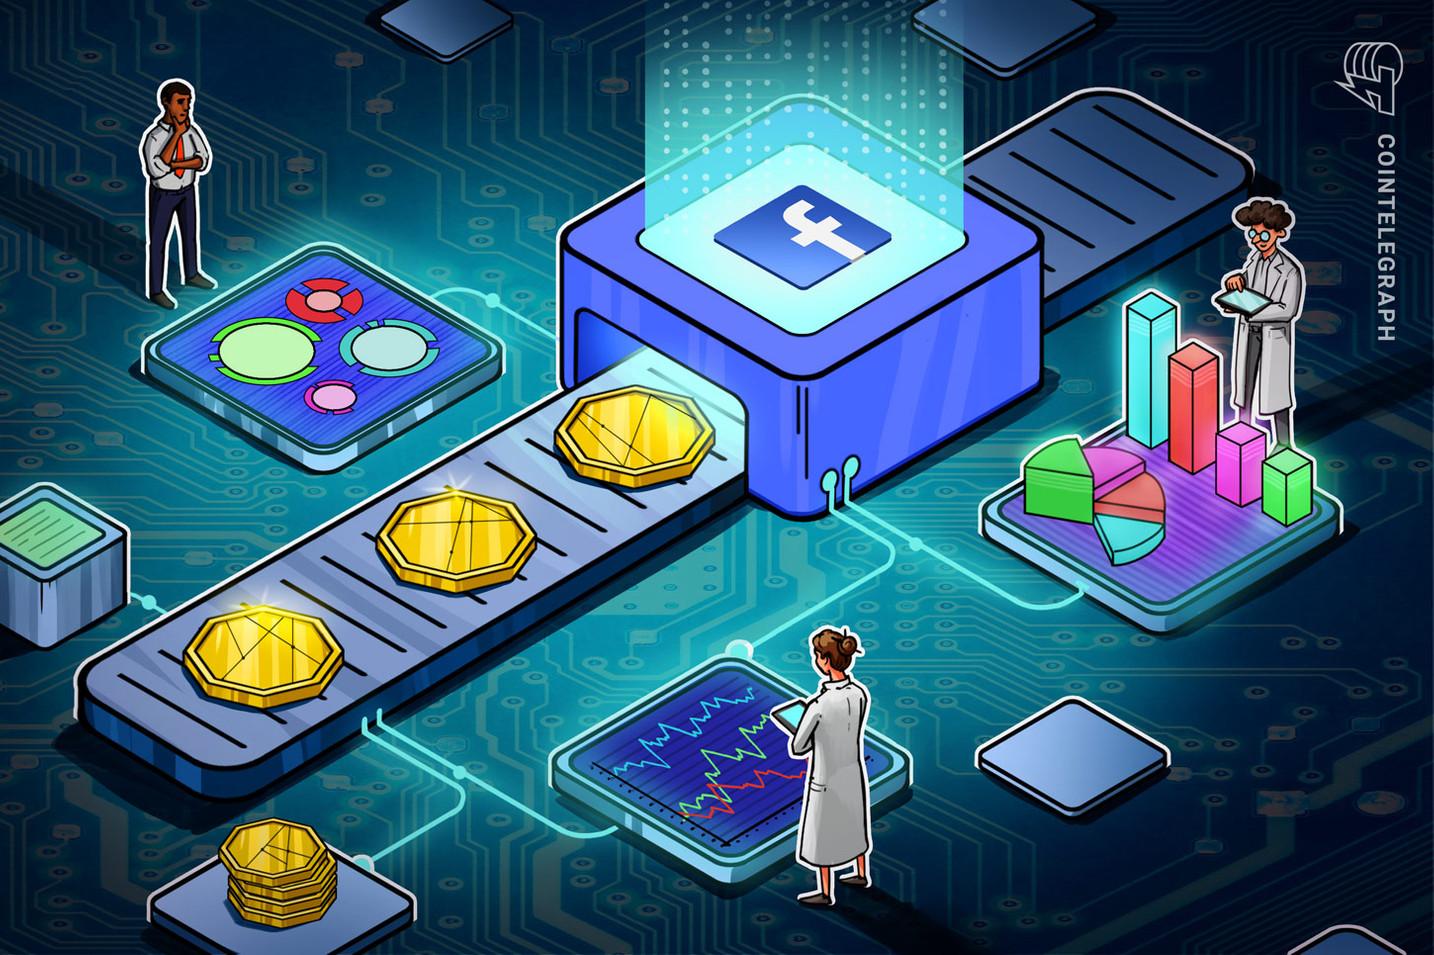 Reportagem diz que Facebook vai revelar a 'Libra Association' e lançar testnet na semana que vem